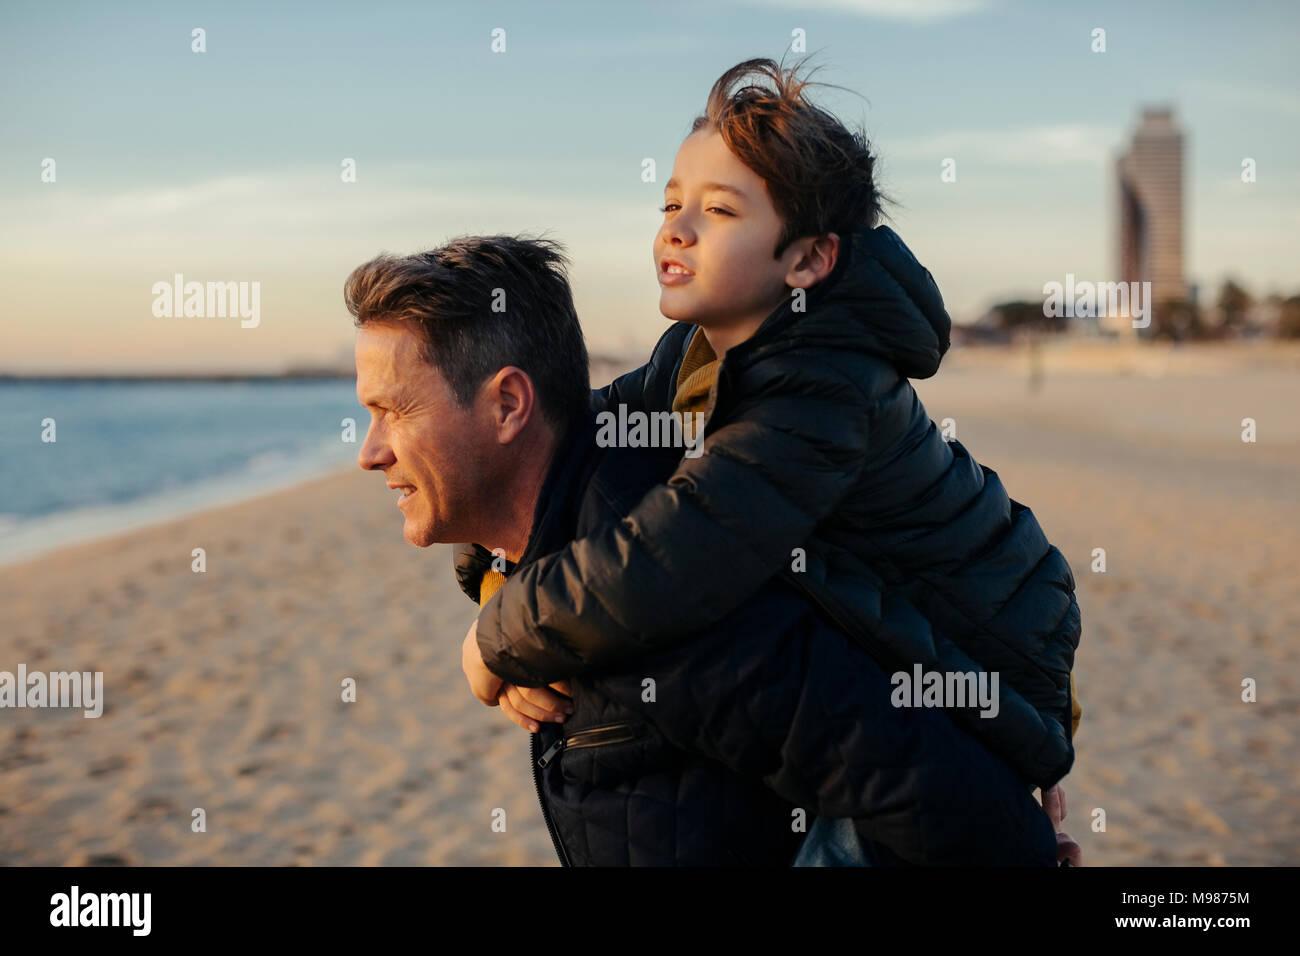 Hijo de padre llevar a cuestas en la playa Imagen De Stock